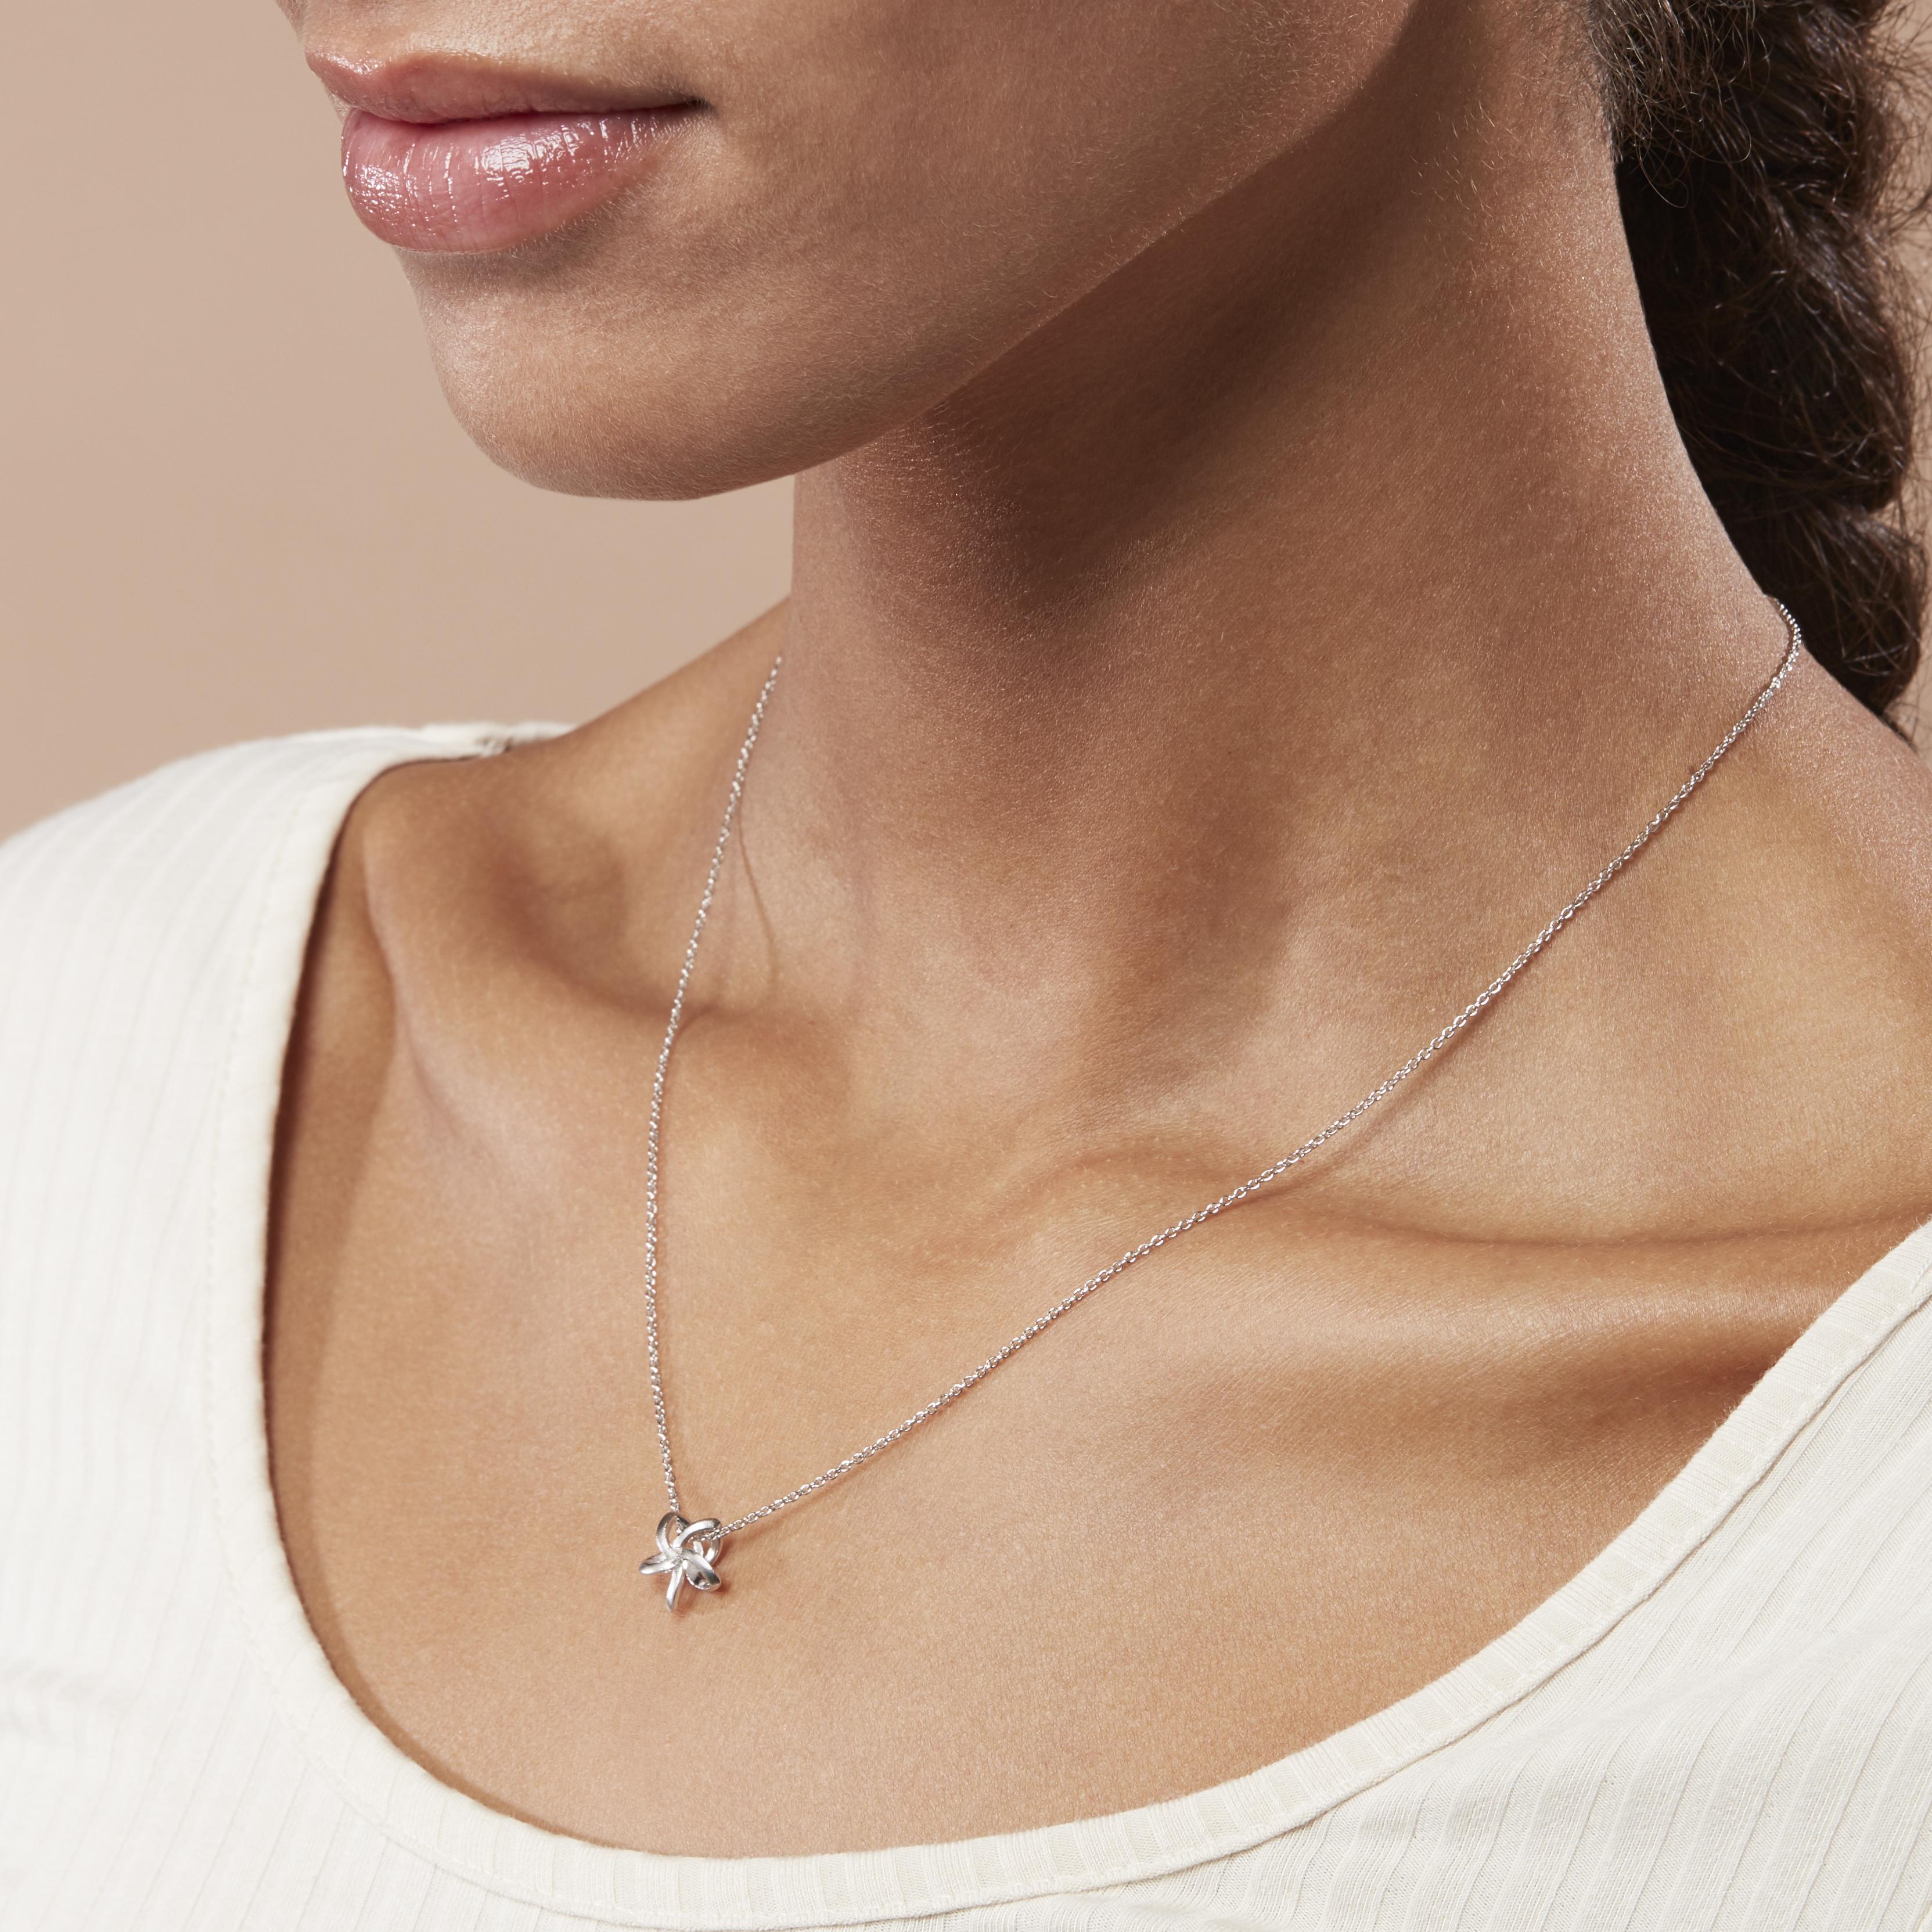 Damen Halskette Silber 925 Diamant 0,011ct